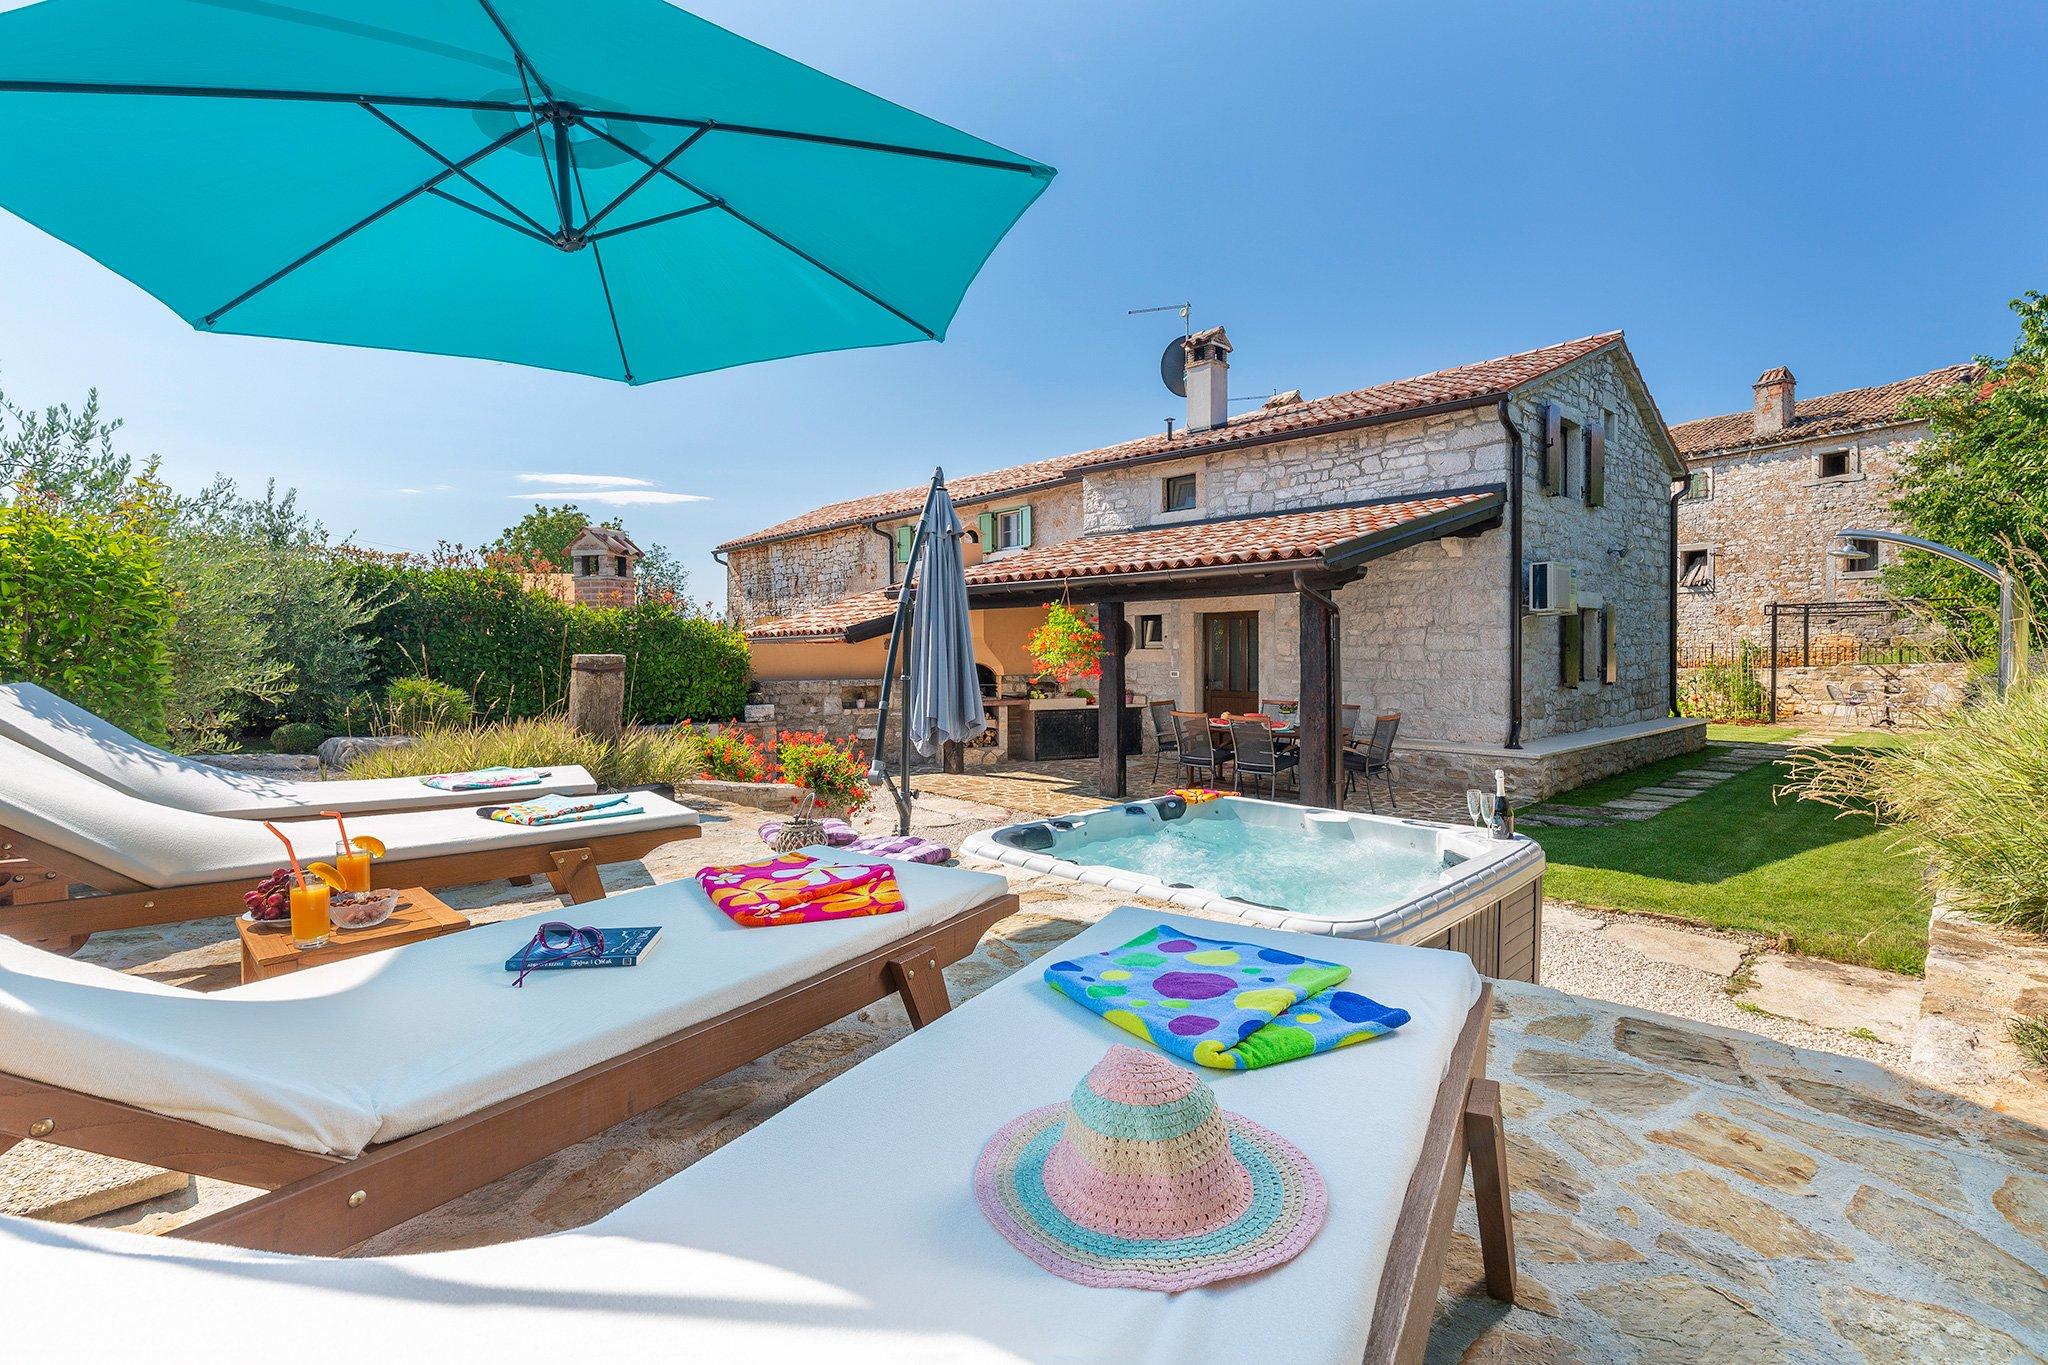 Detailbild von Ferien Haus Villa Gasparini